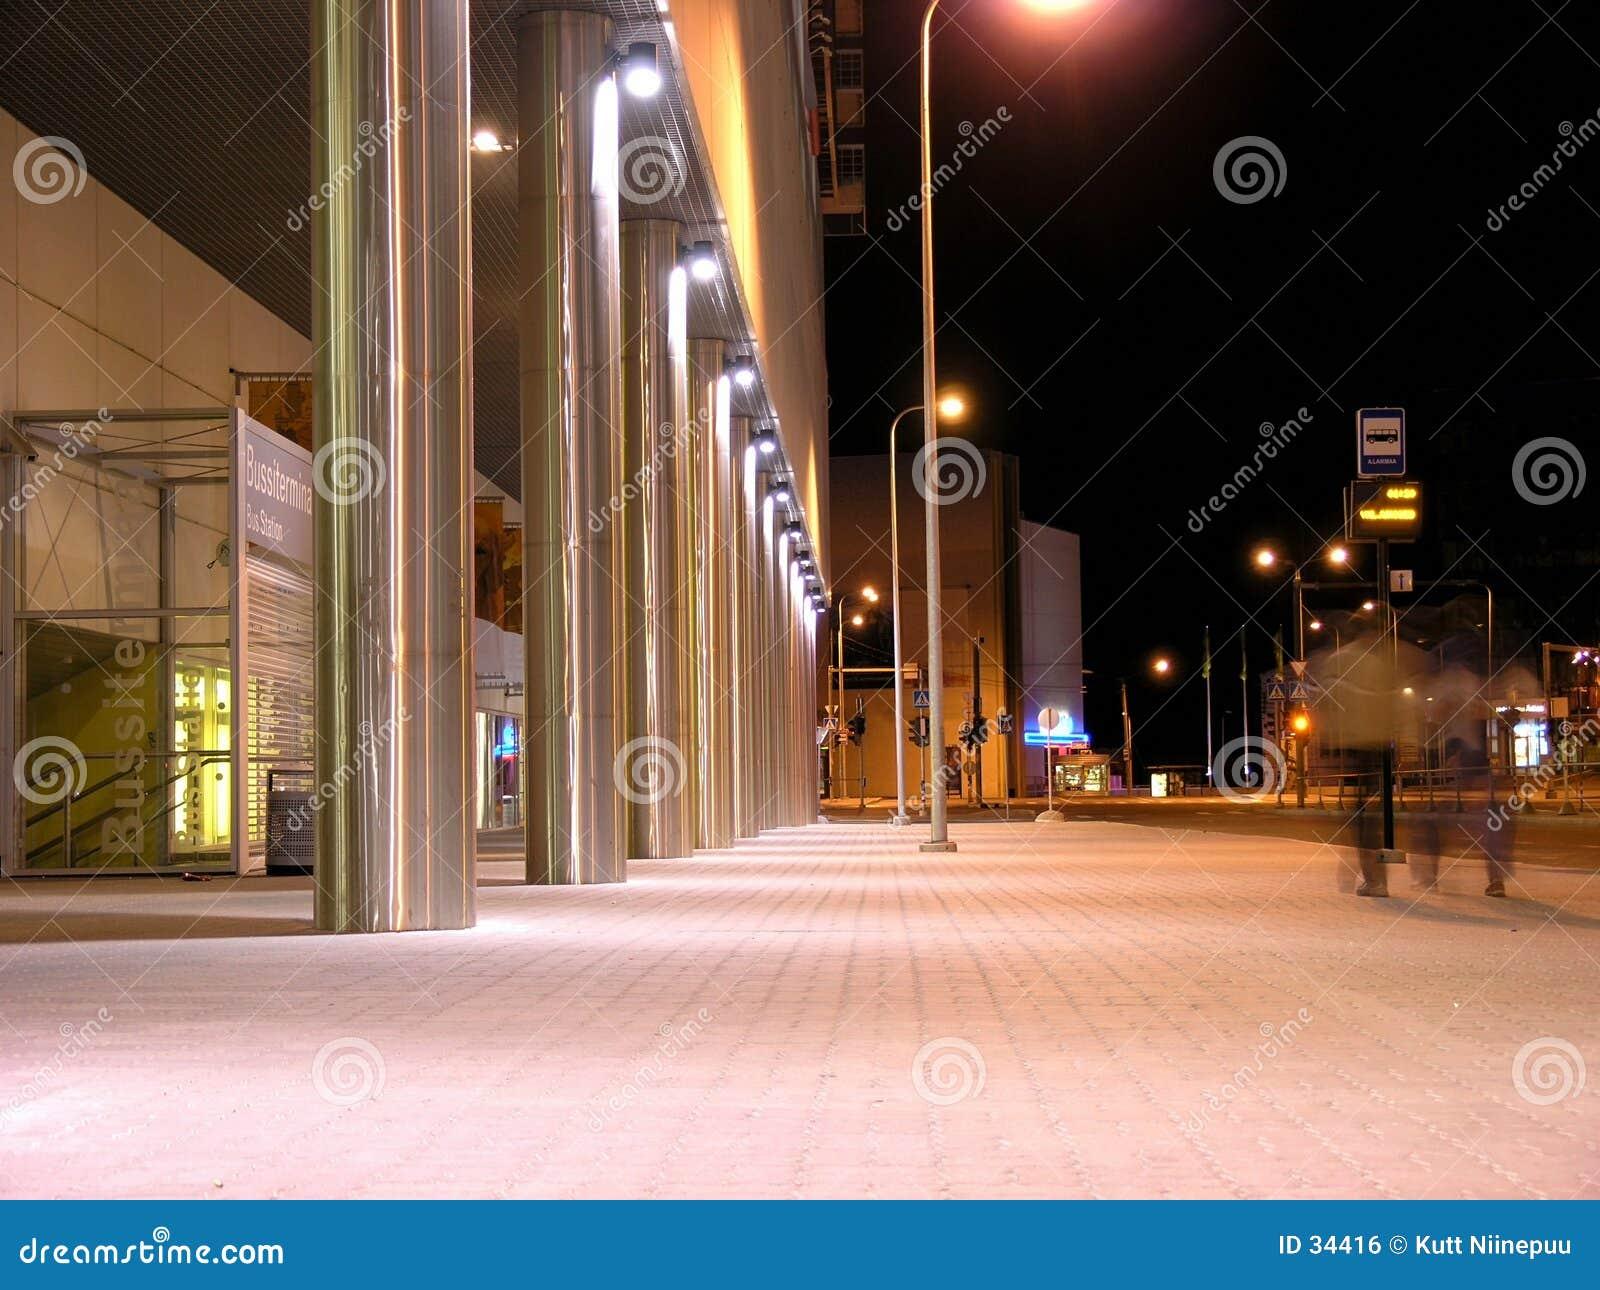 Download De Straatmening Van De Nacht Stock Foto - Afbeelding bestaande uit straatlantaarns, building: 34416